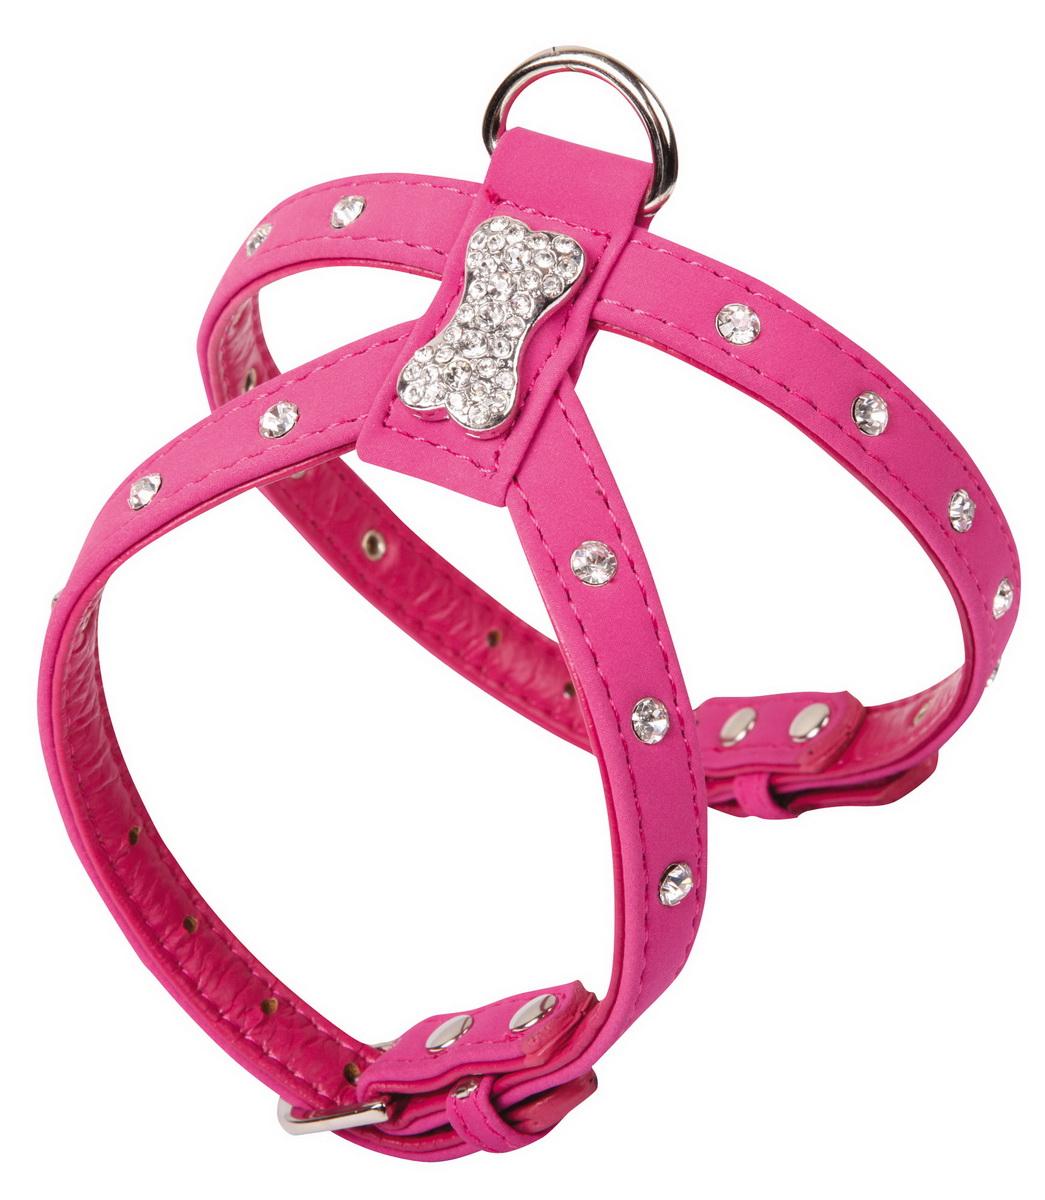 Шлейка для собак Dezzie, цвет: розовый, обхват шеи 15-20 см, обхват груди 22-27 см. Размер S. 56240780120710Шлейка Dezzie, изготовленная из бархата и украшенная металлической вставкой в виде косточки и стразами подходит для собак мелких пород. Крепкие металлические элементы делают ее надежной и долговечной. Шлейка - это альтернатива ошейнику. Правильно подобранная шлейка не стесняет движения питомца, не натирает кожу, поэтому животное чувствует себя в ней уверенно и комфортно. Изделие отличается высоким качеством, удобством и универсальностью. Имеется металлическое кольцо для крепления поводка. Размер регулируется при помощи пряжек.Обхват шеи: 15-20 см. Обхват груди: 22-27 см.